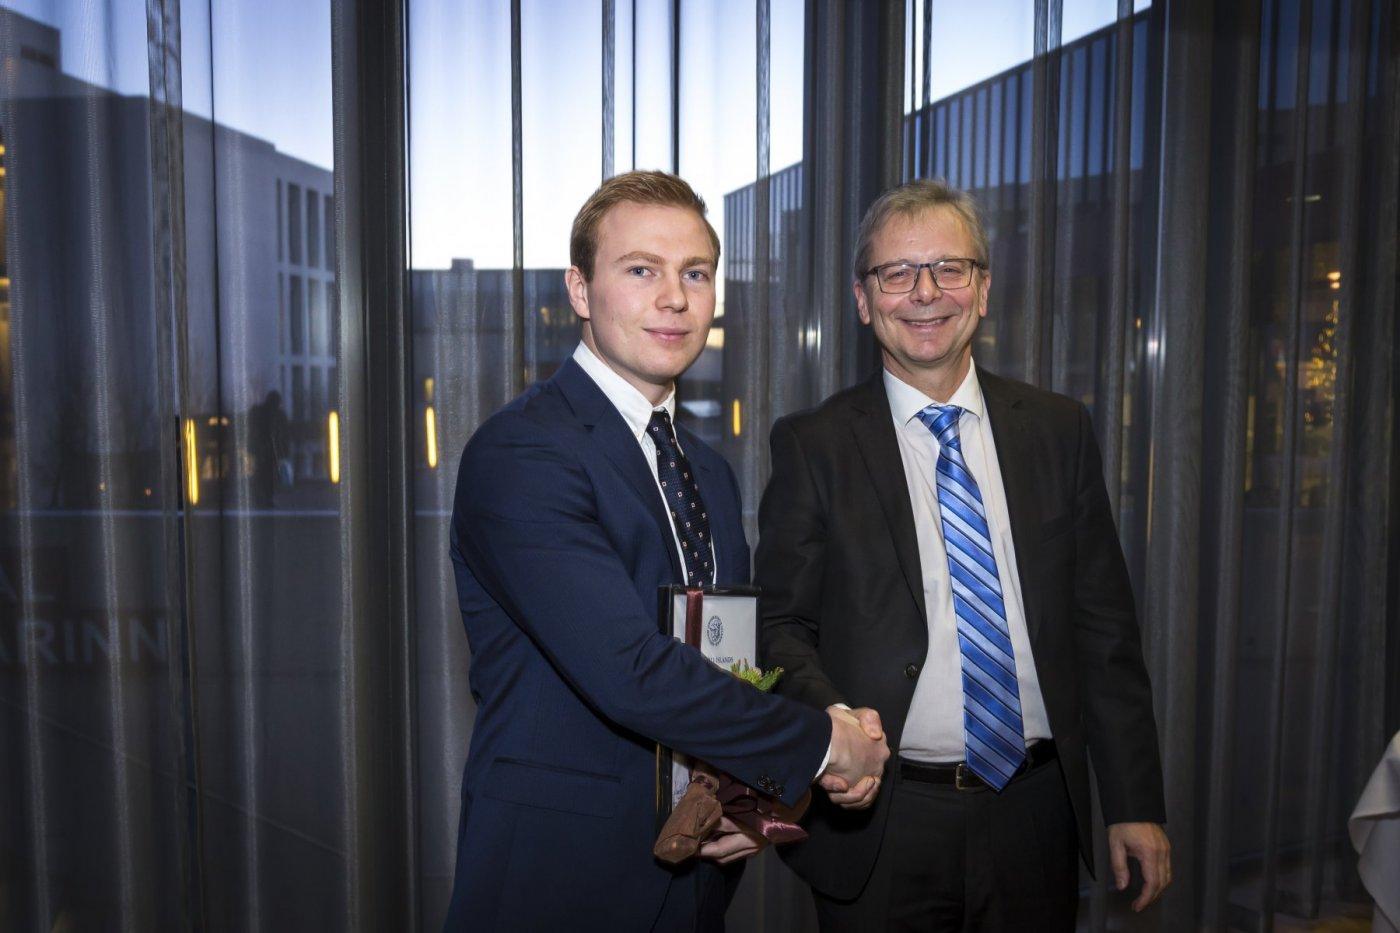 Sigurður Egilsson og Jón Atli Benediktsson, rektor Háskóla Íslands